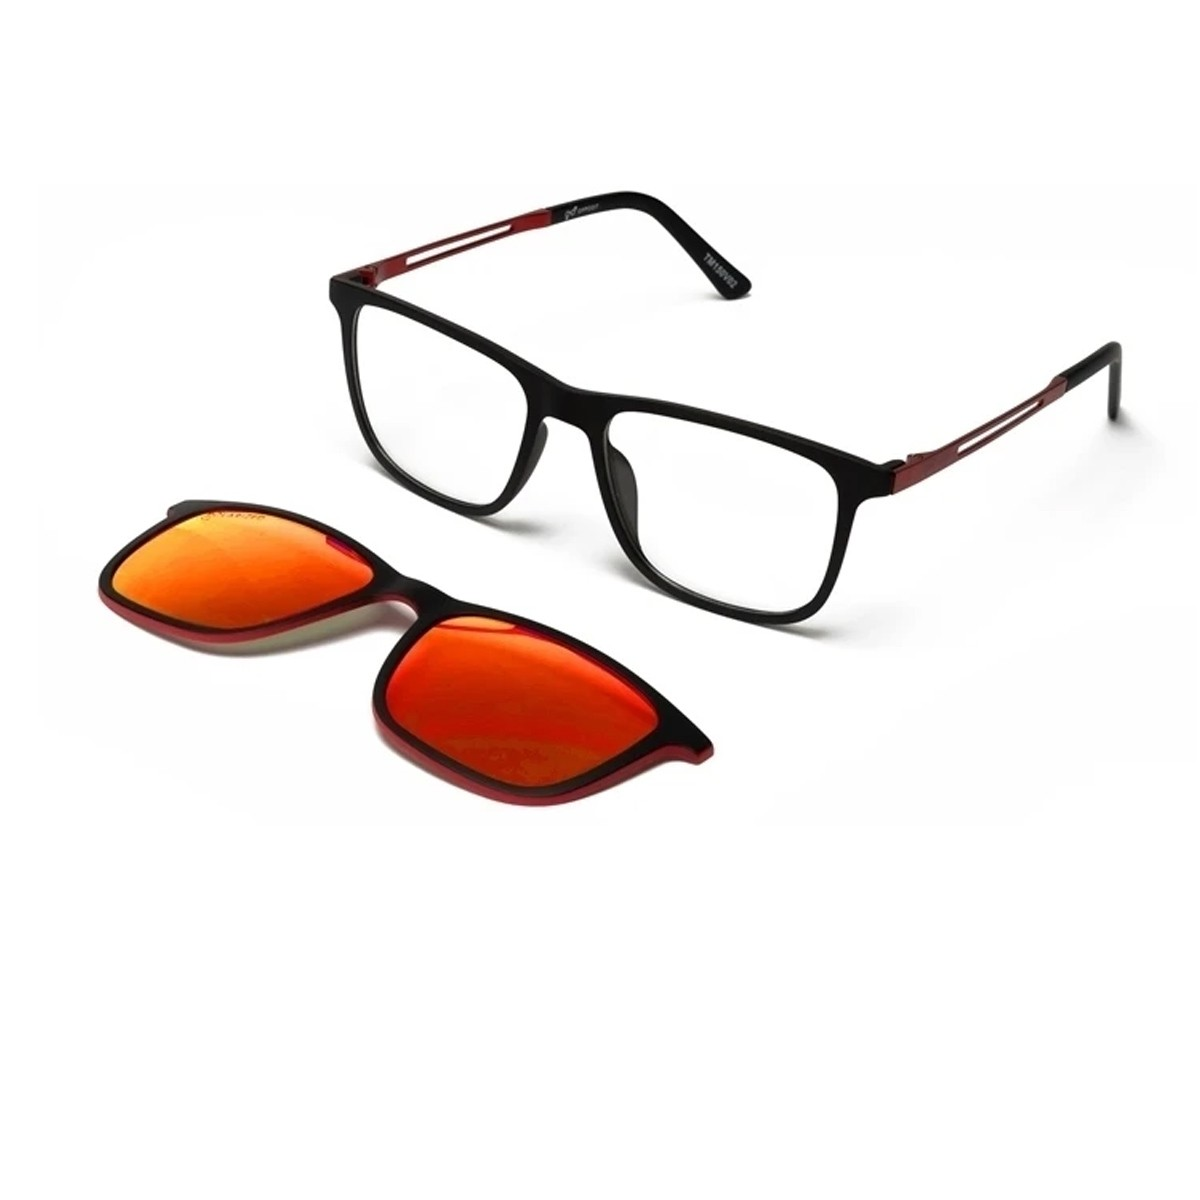 Opposit TM150V   Kids eyeglasses